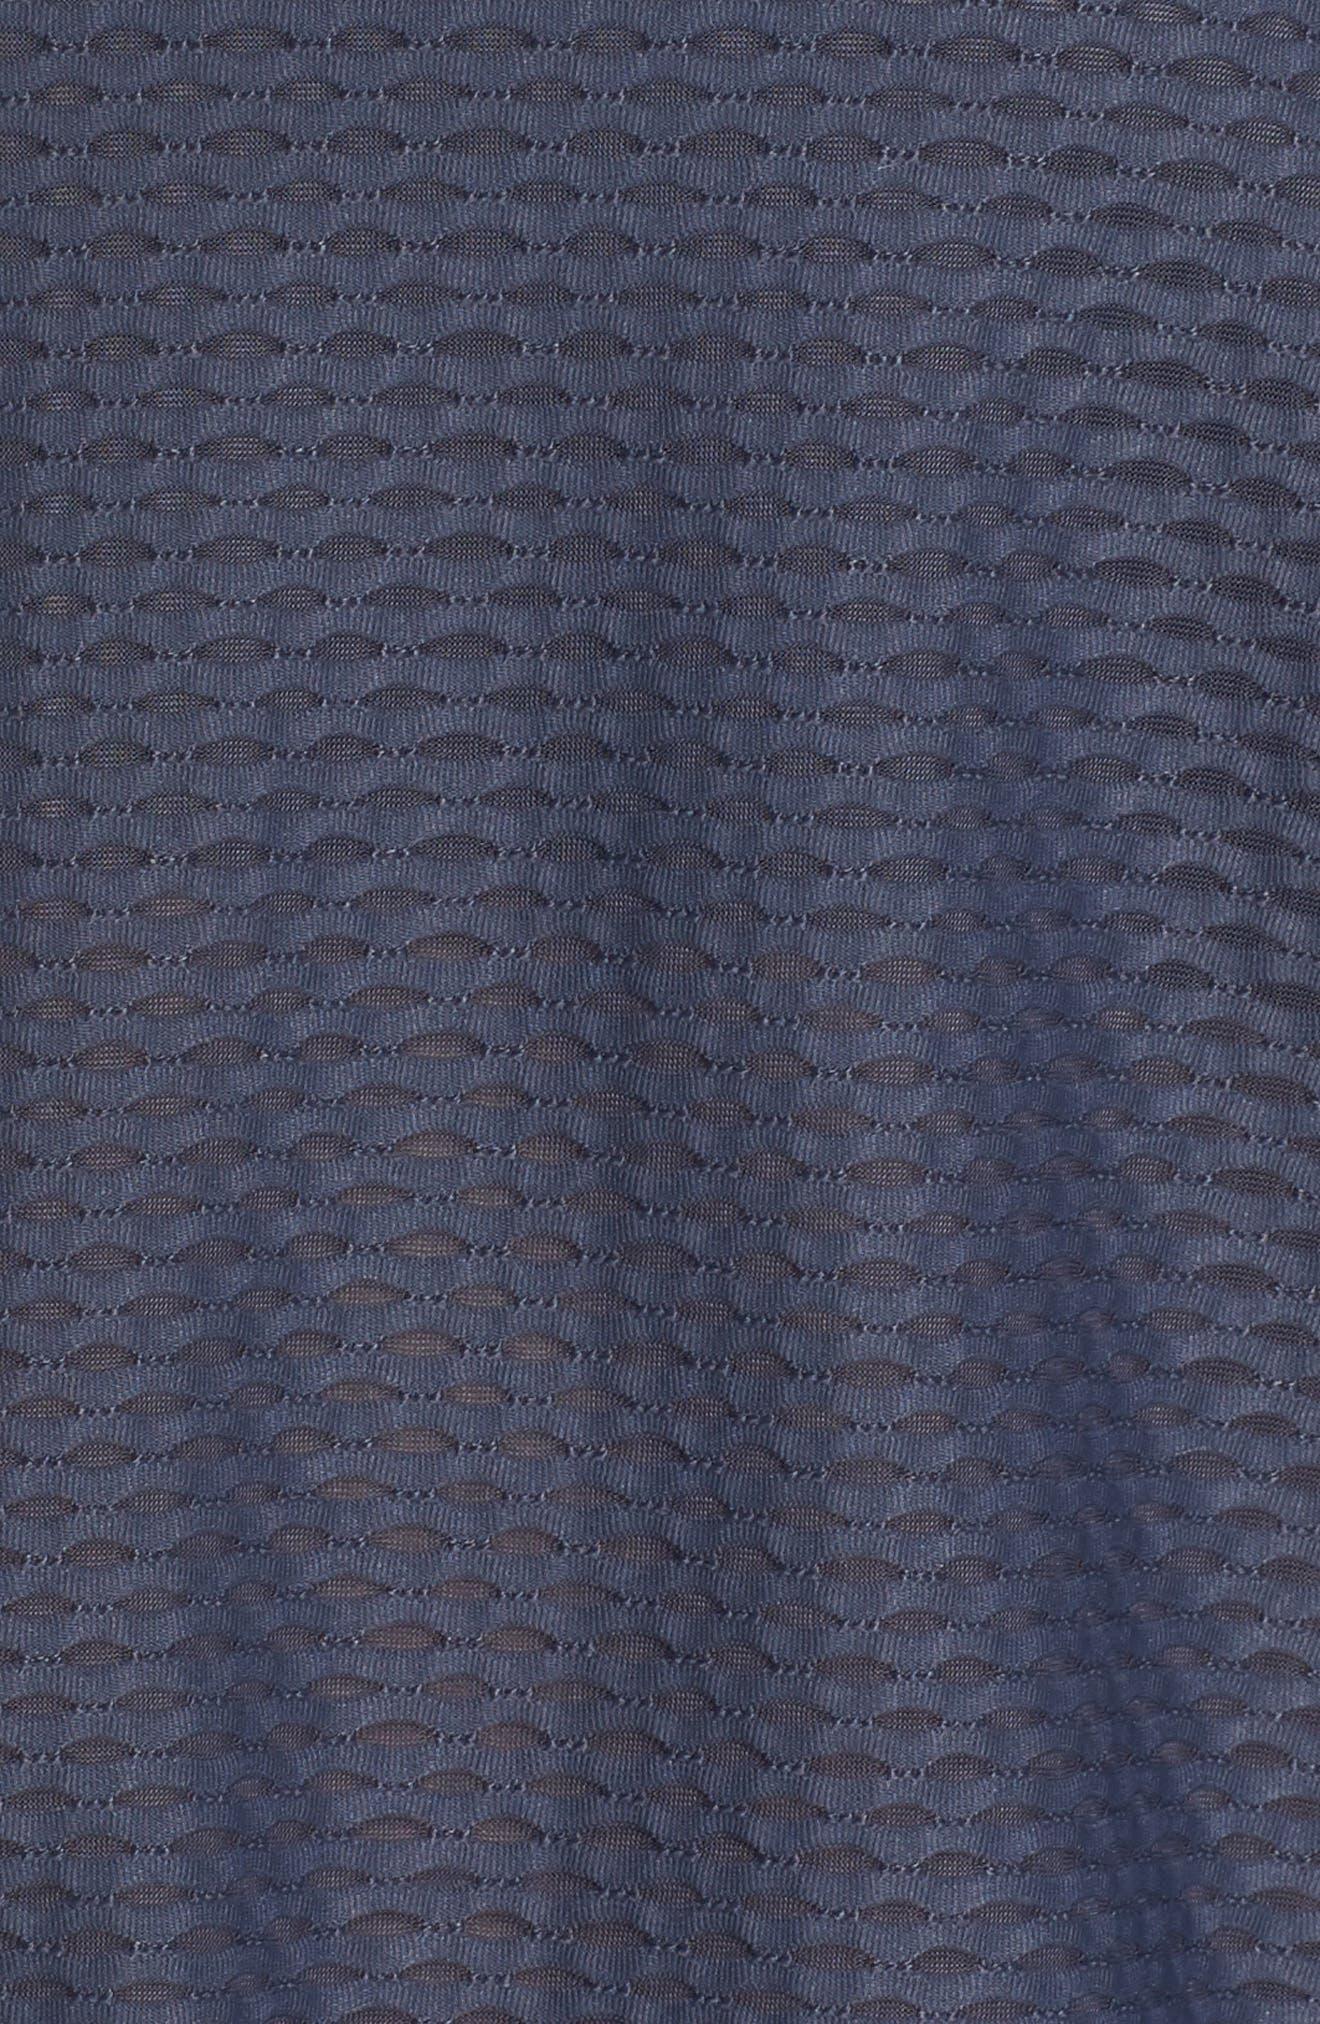 KORAL,                             Pump Cowlneck Pullover,                             Alternate thumbnail 5, color,                             250